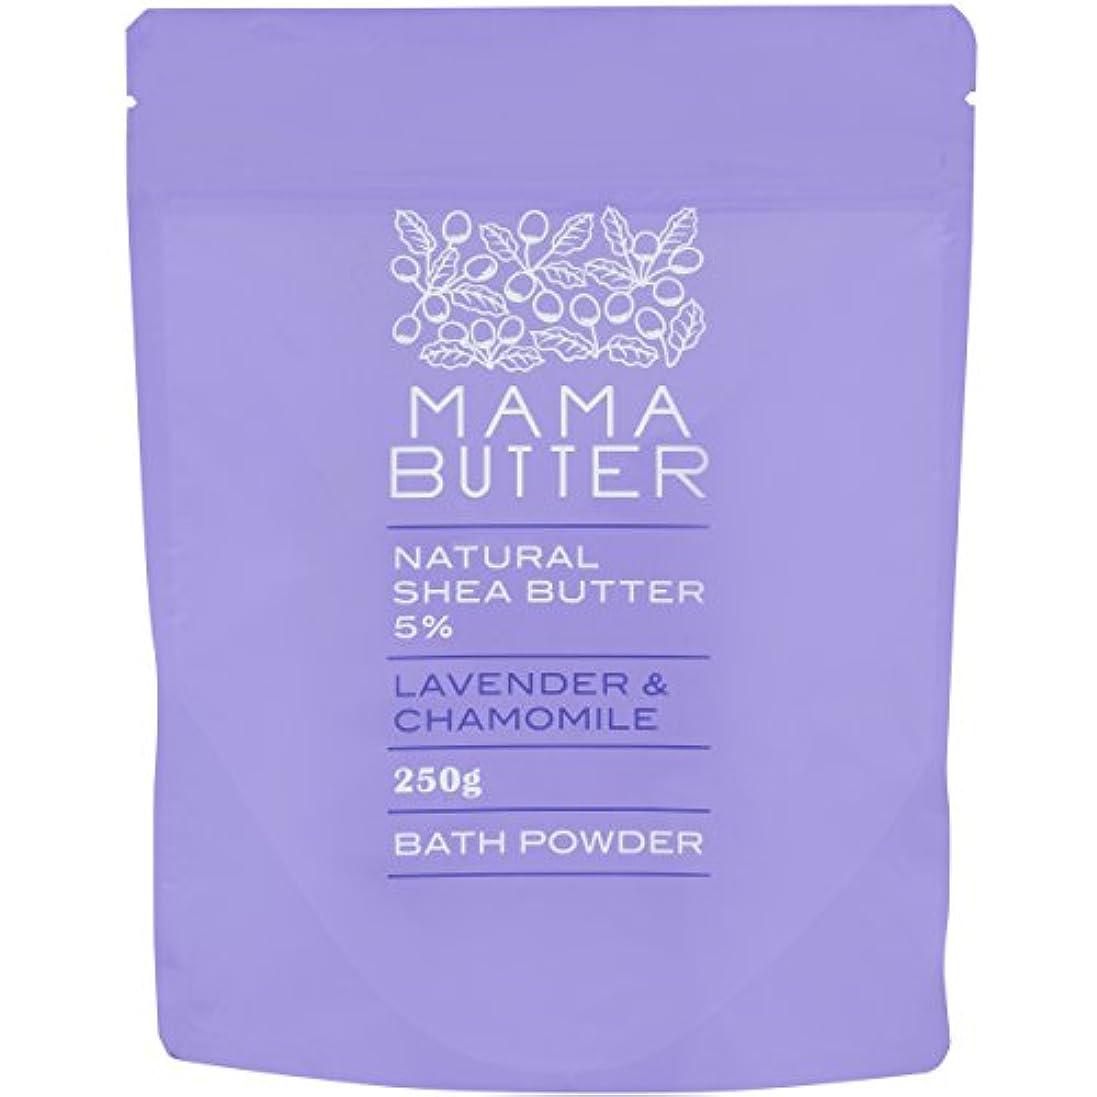 症状盗難期限ママバター ナチュラル バスパウダー ラベンダー&カモミールの香り 250g